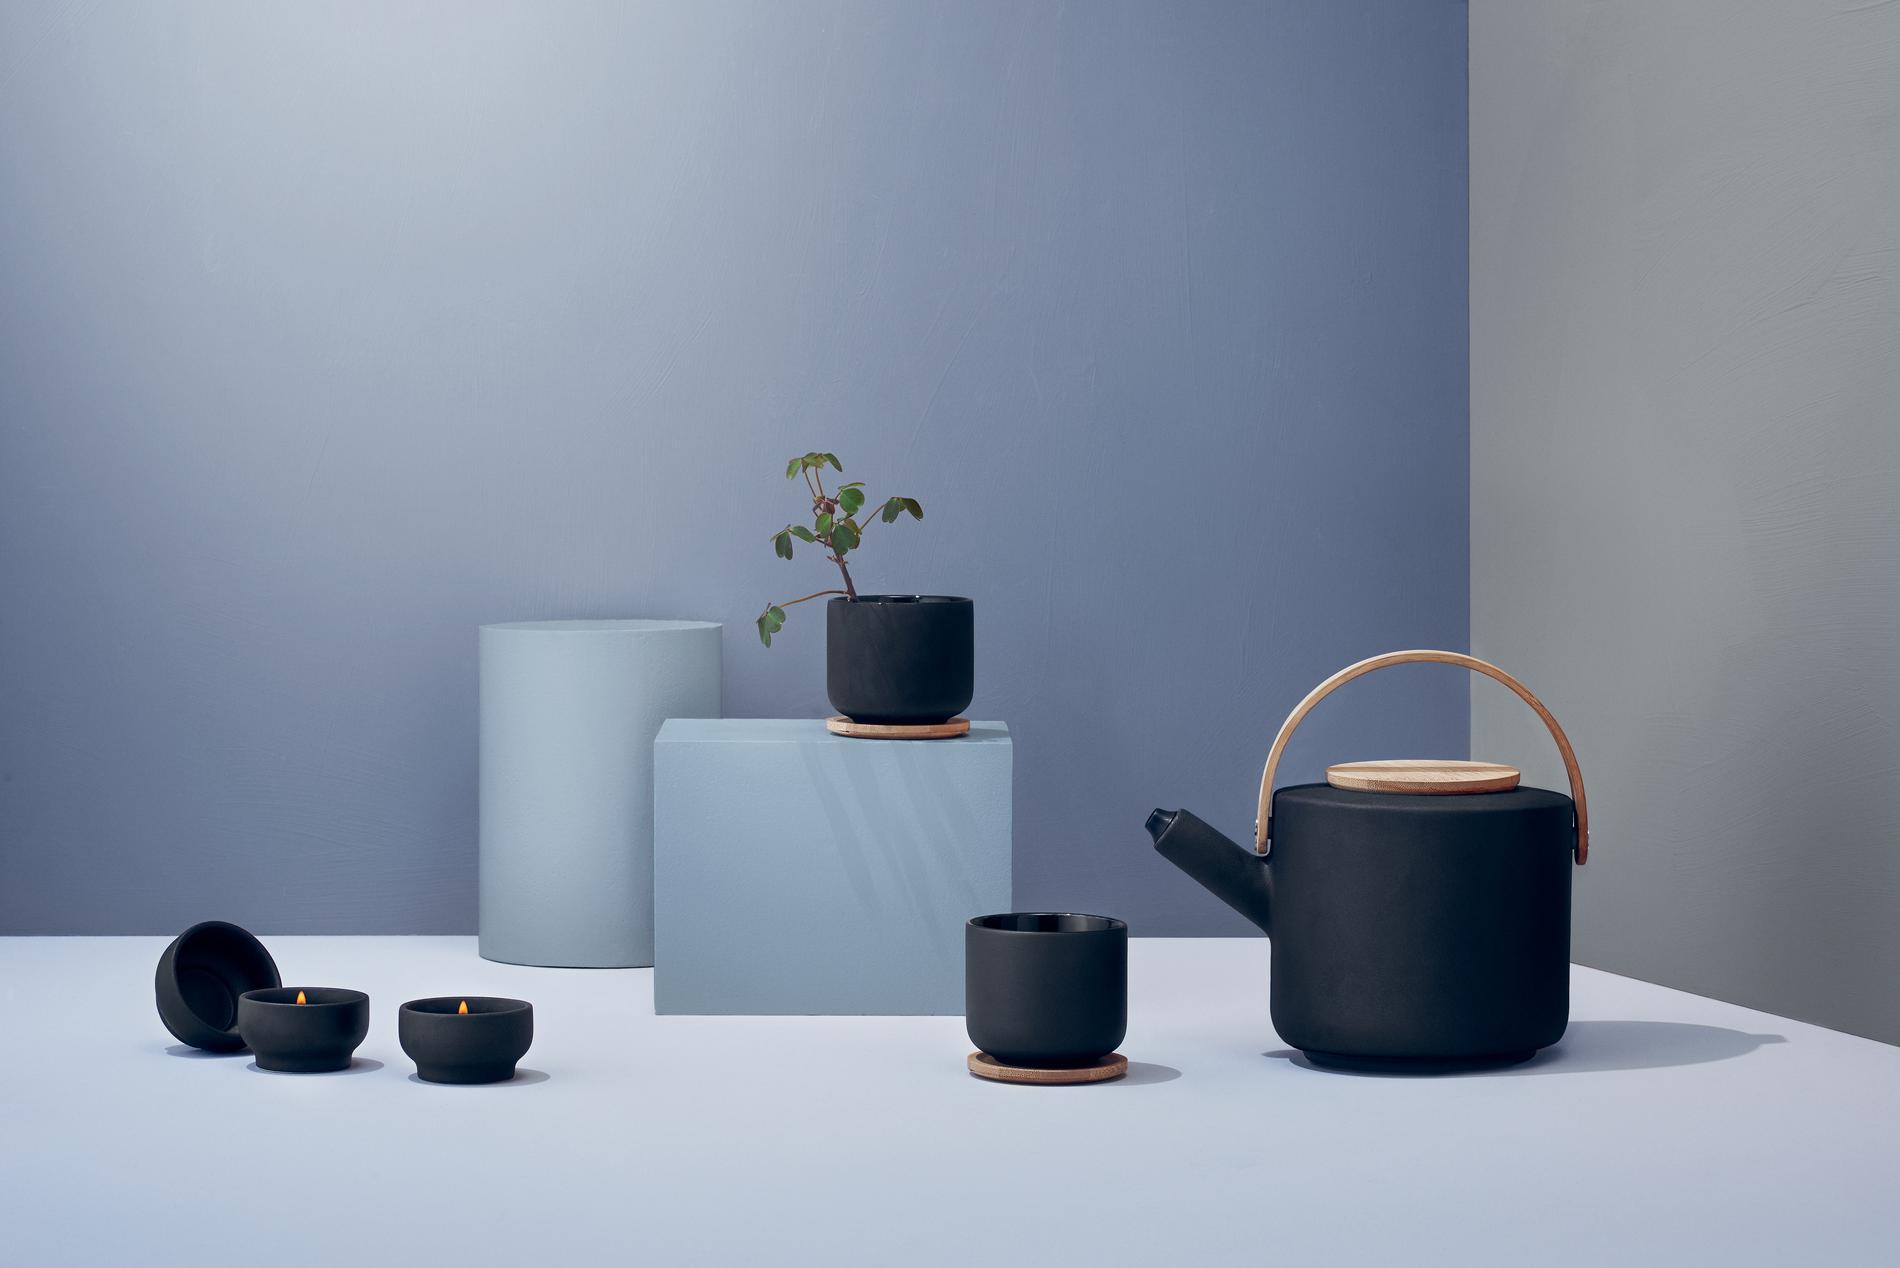 Lagom Vivre Mieux Avec Moins focus sur le lagom, la tendance déco minimaliste venue de